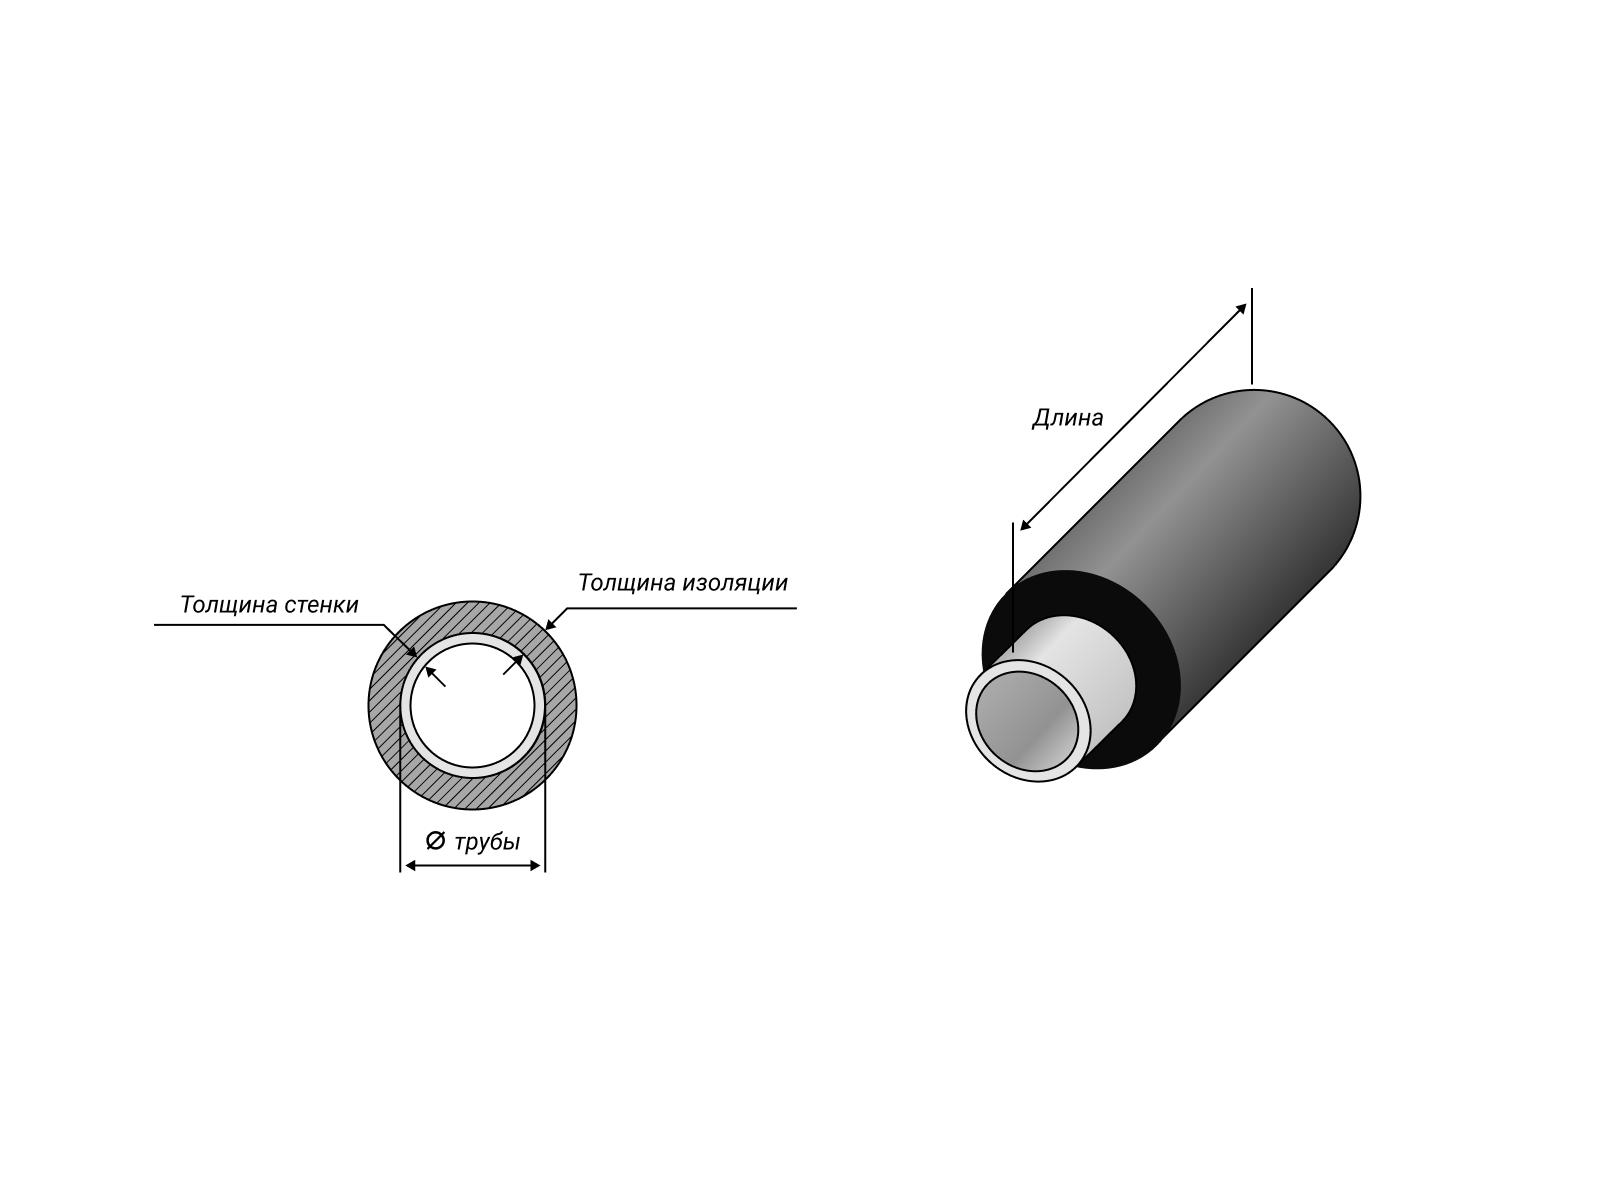 Труба Ст 89-4 ППУ-ПЭ 6000